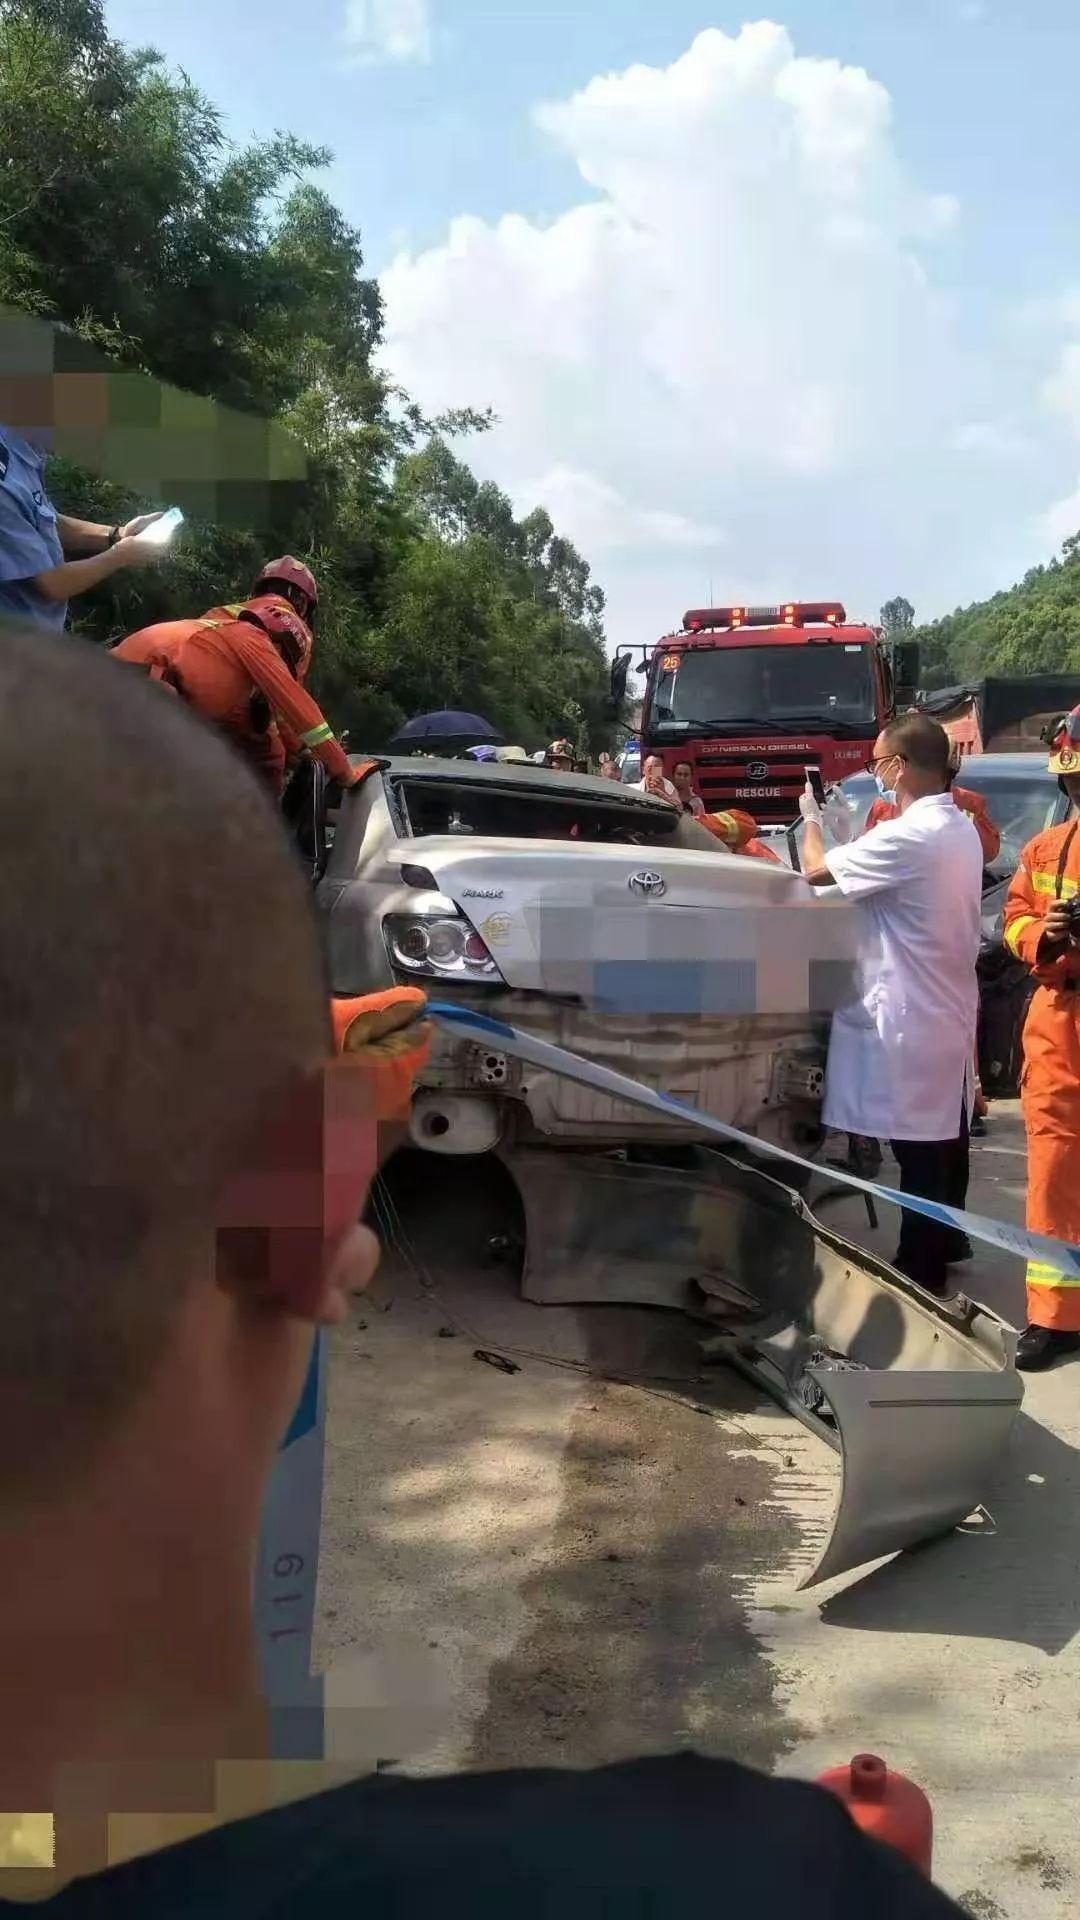 【网友爆料】2019年8月9日在陆河河口云峰电站路口发生一起较严重的图片